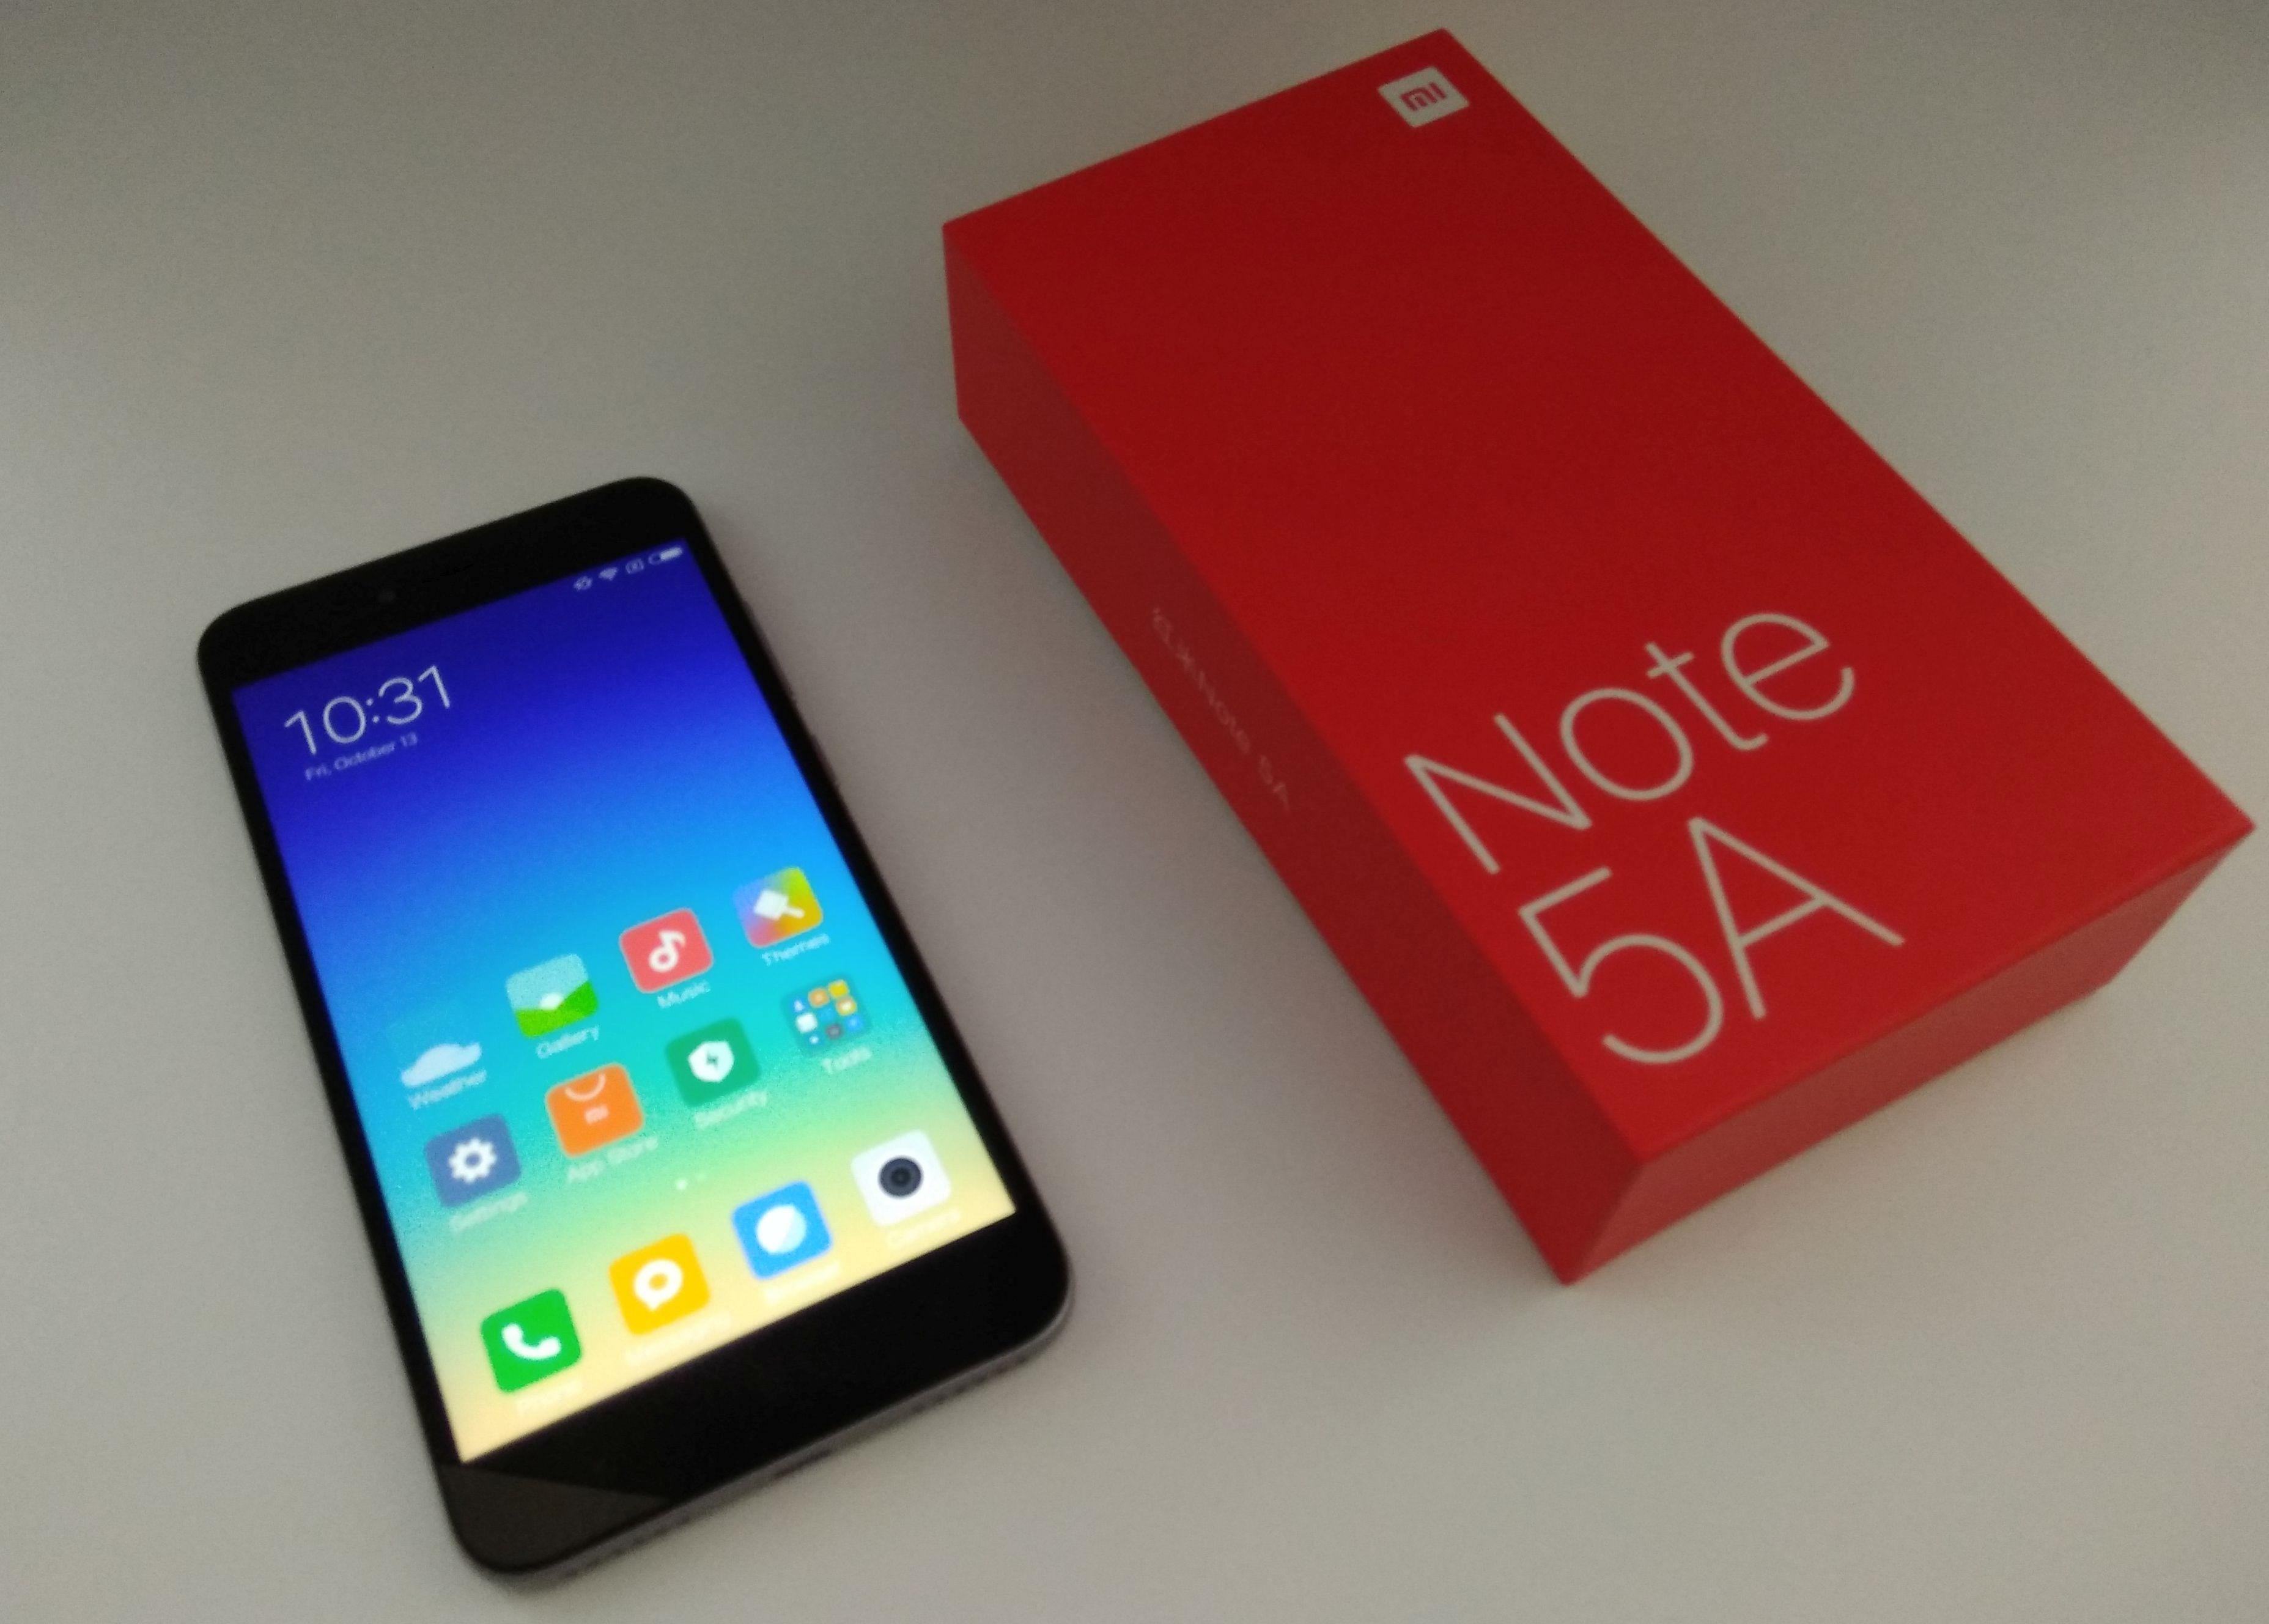 Co do specyfikacji jest ona nieco okrojona w por³wnaniu do chociażby Redmi Note 4X Sercem urządzenia jest układ Qual ma czyli Snapdragon 425